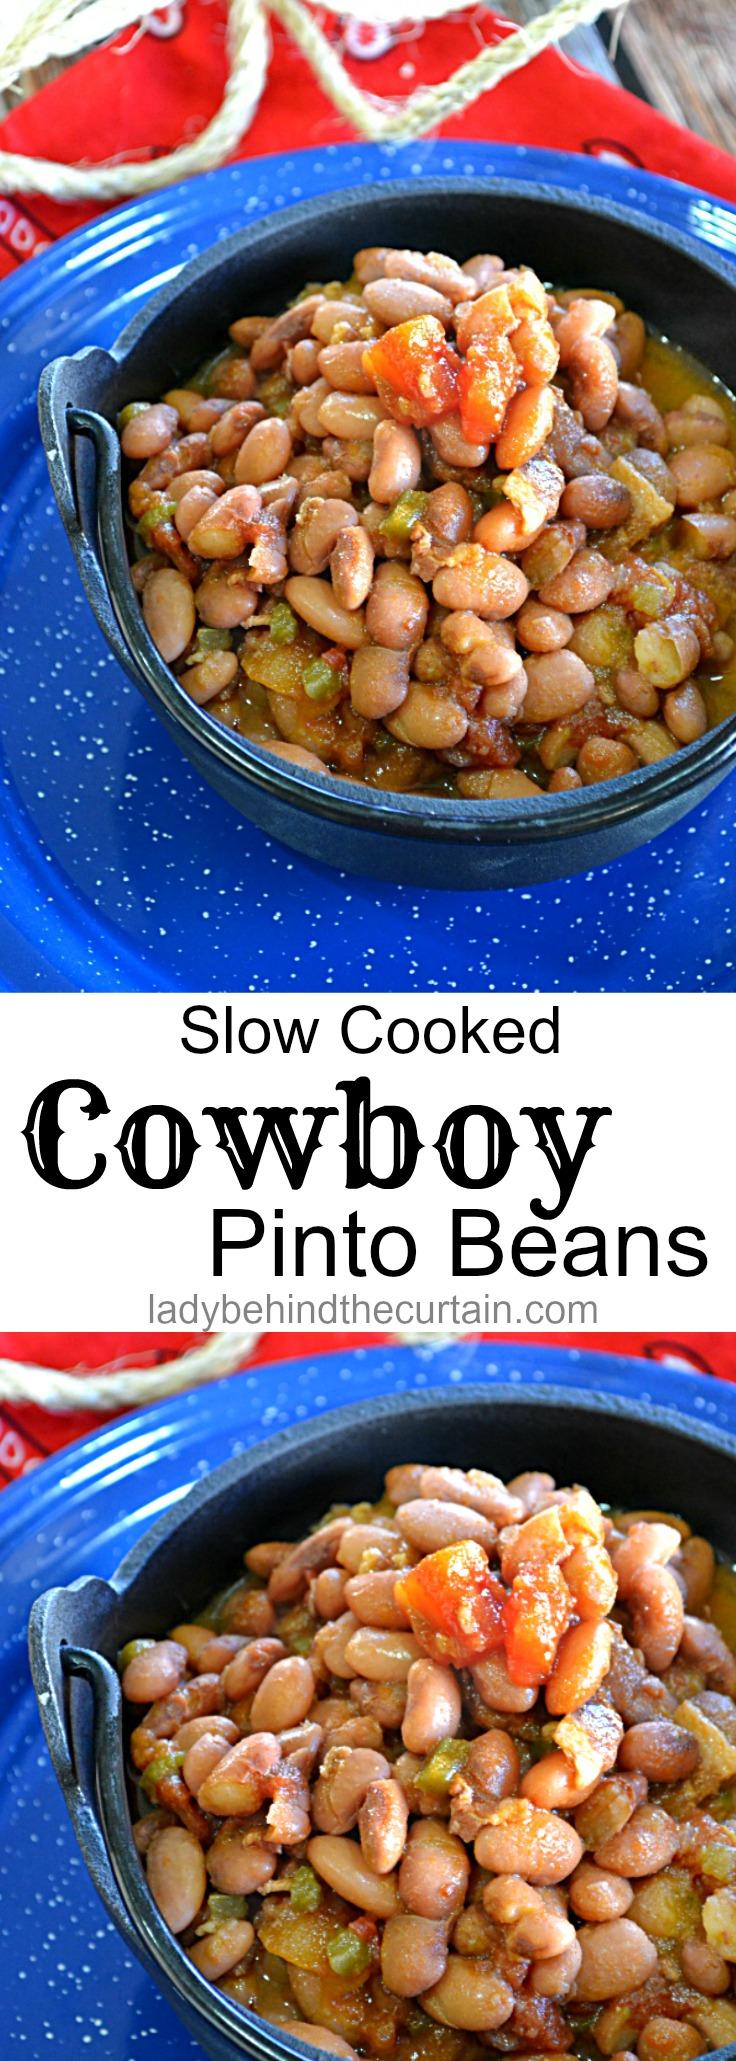 Slow Cooked Cowboy Pinto Beans| backyard barbecue recipe, easy recipe summer bean recipe, potluck recipe, cowboy recipe